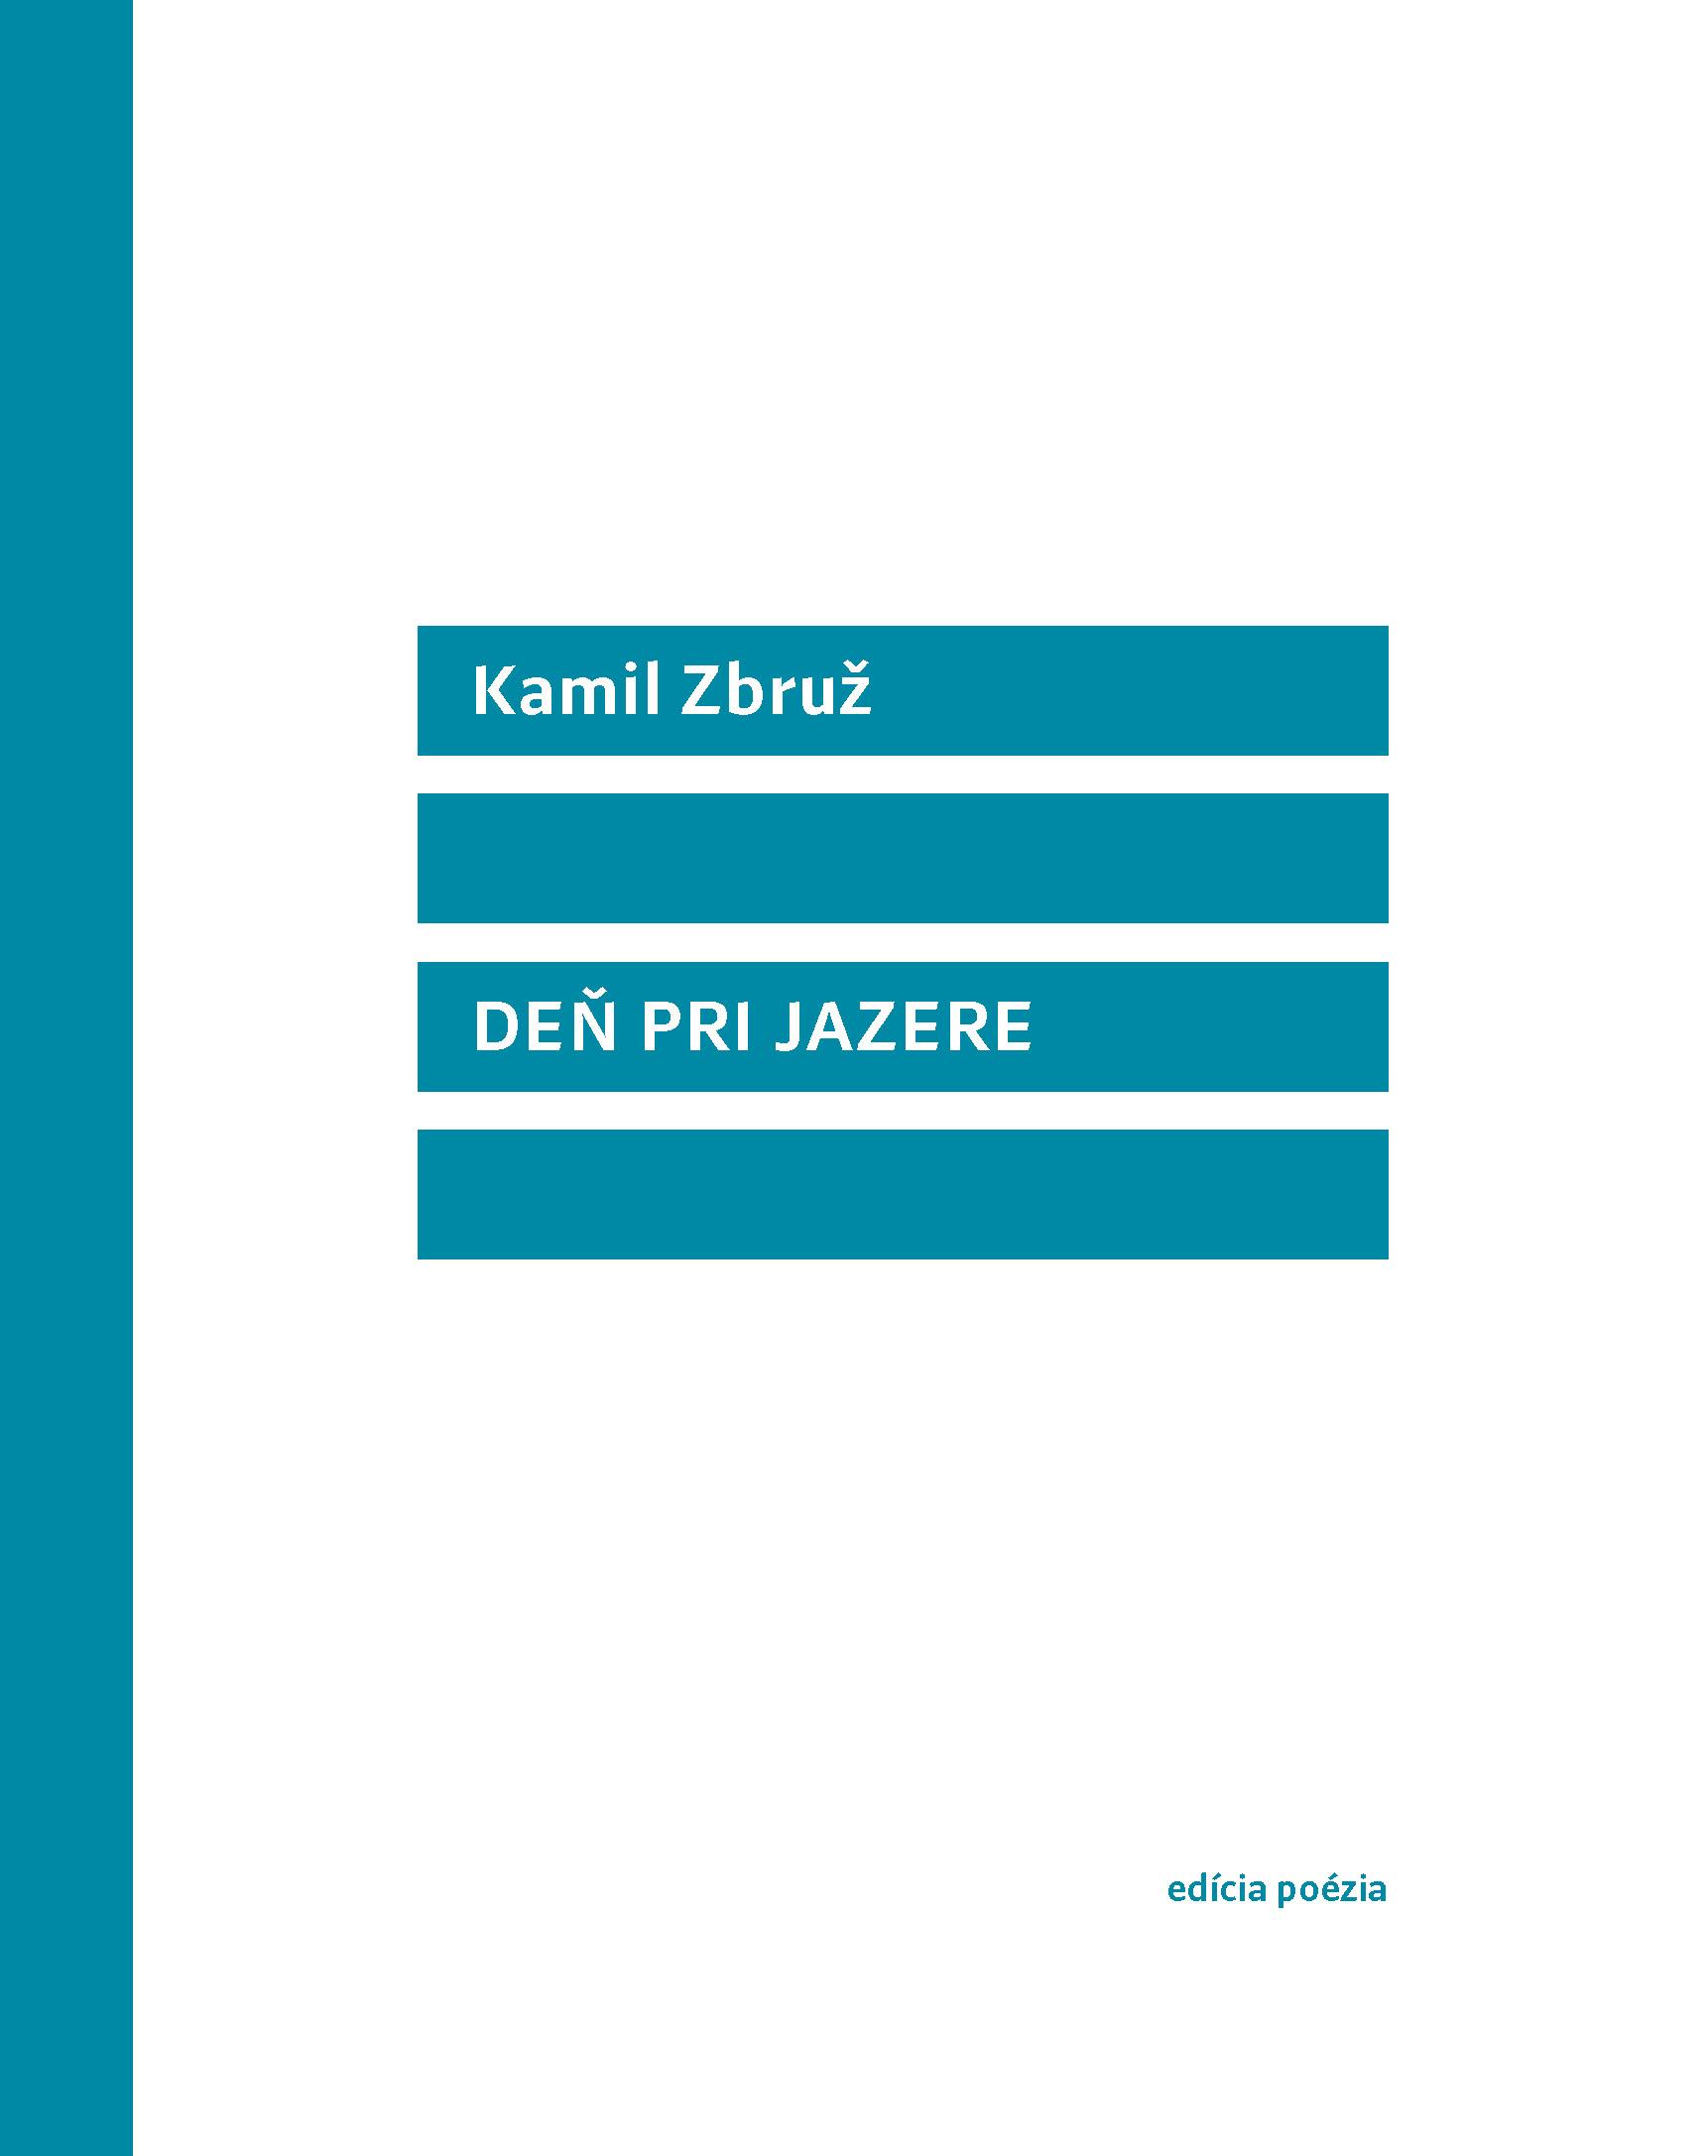 Majstrovské dielo minimalistickej prírodnej lyriky od majstra nepísania Kamila Zbruža